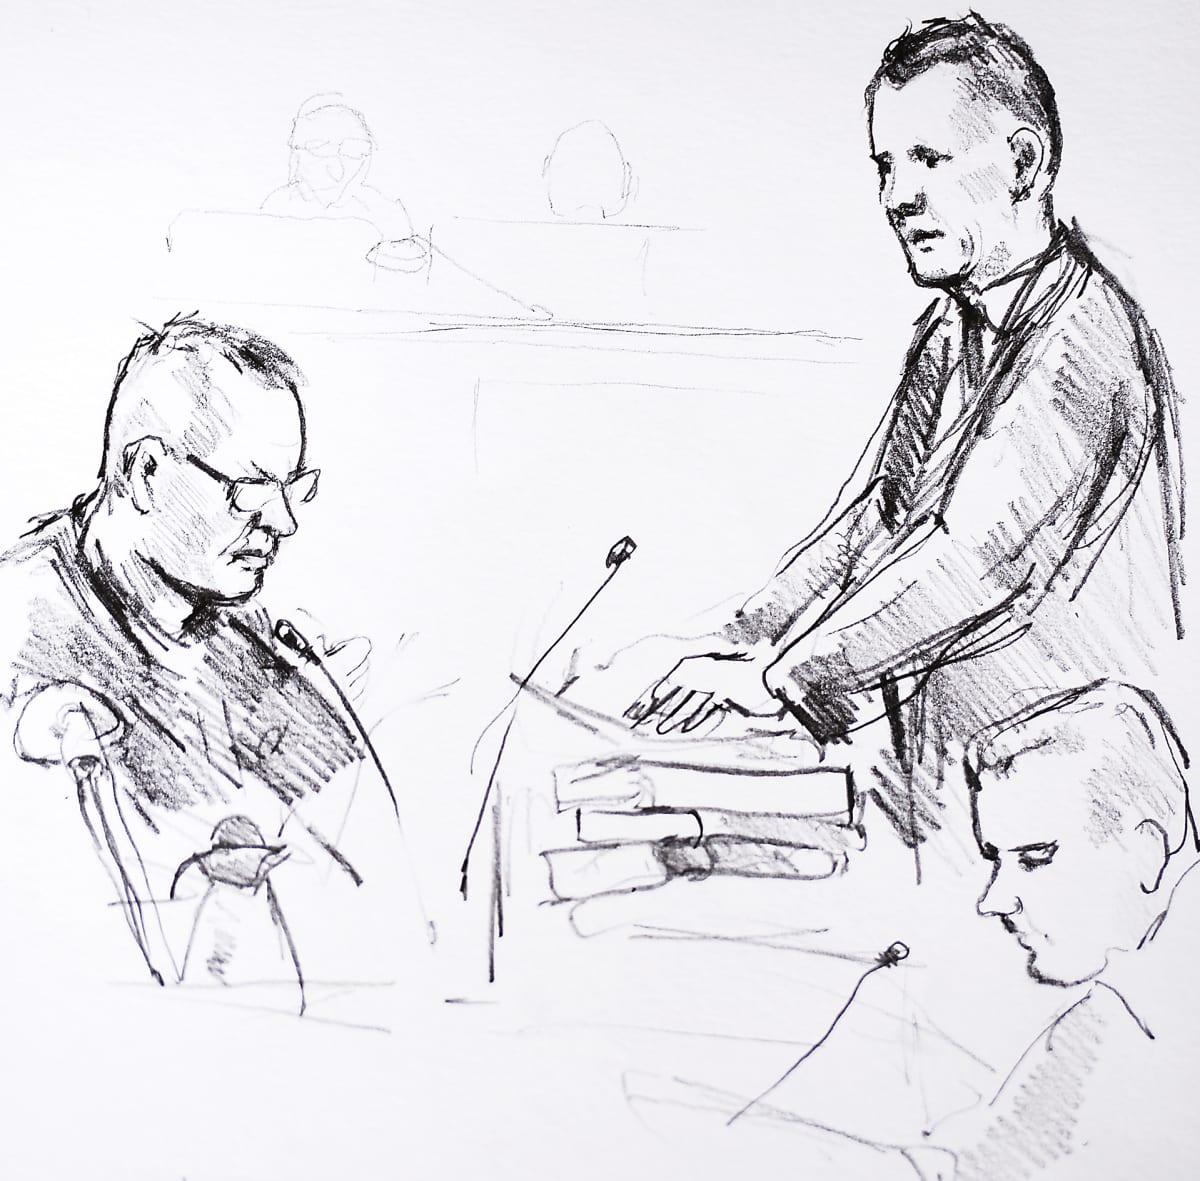 Peter Madsenin oikeudenkäynti Kööpenhaminassa, piirroskuva.